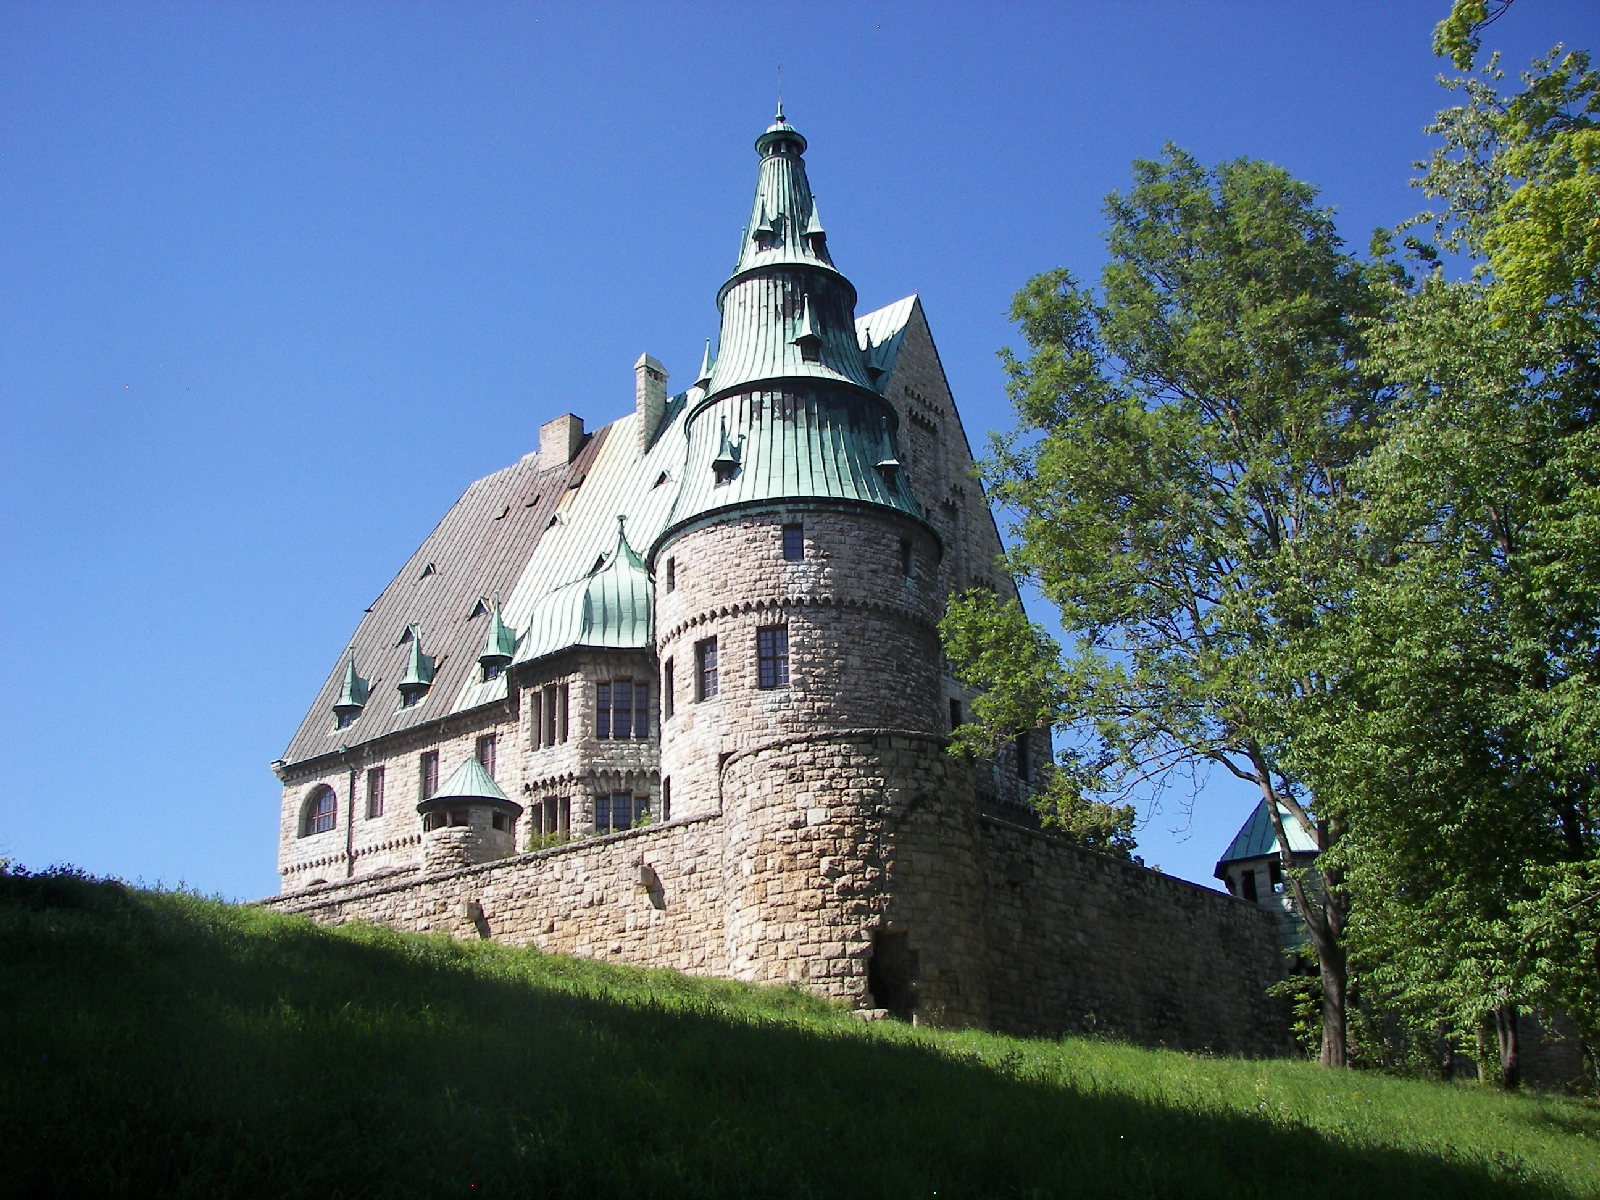 OTTO - Die Veranstaltung läuft rund um die Burg Ohrdruf.